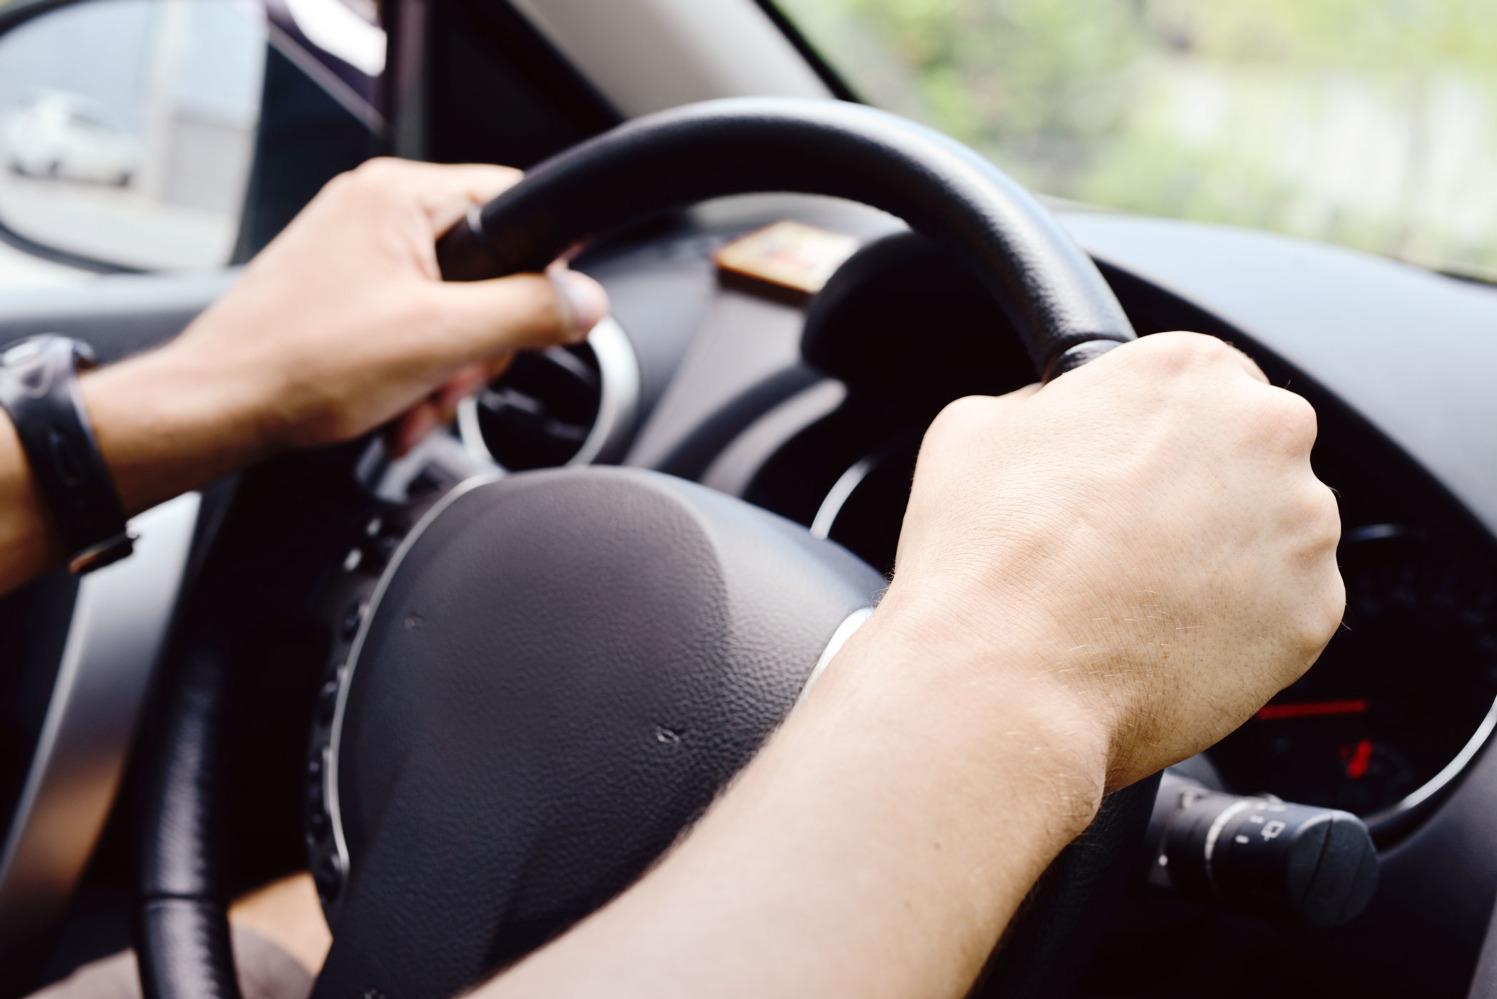 В Україні збільшать штрафи для водіїв: за які порушення українці відповідатимуть сповна